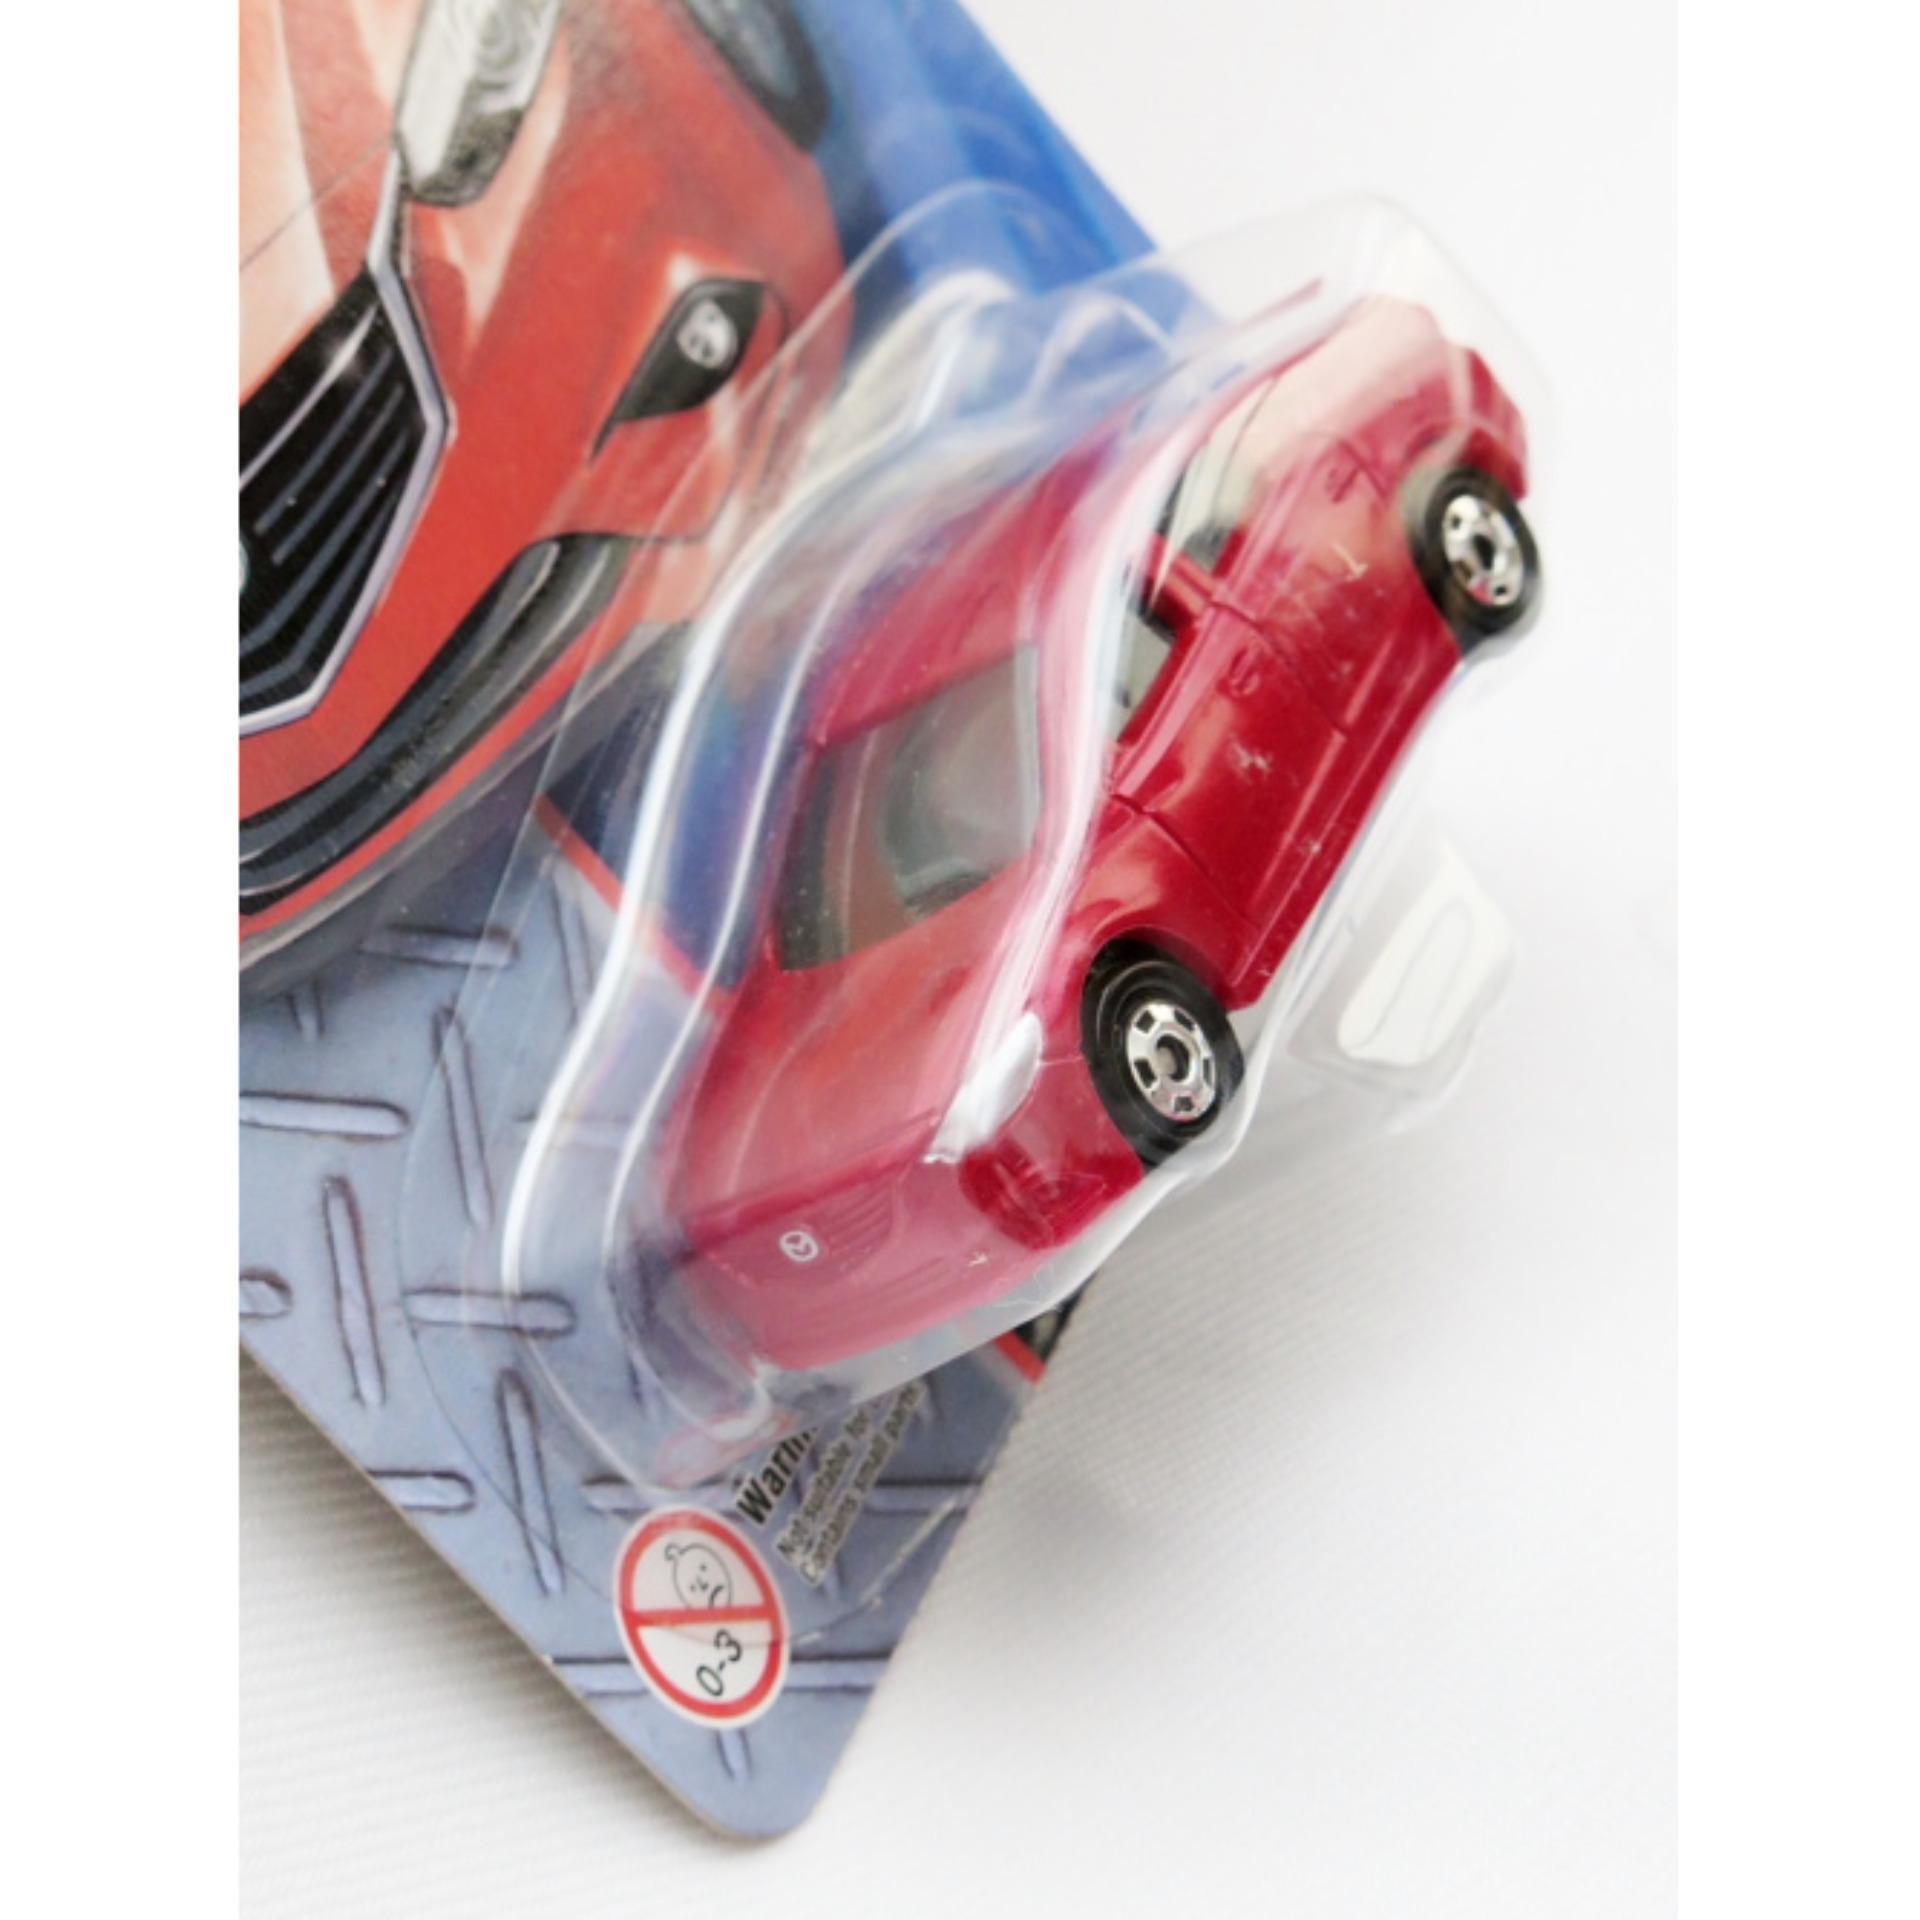 Pencari Harga Tomica Cool Drive Nissan Fairlady Z Nismo putih Source · Tomica Cool Drive Mazda Atenza Mazda 6 merah